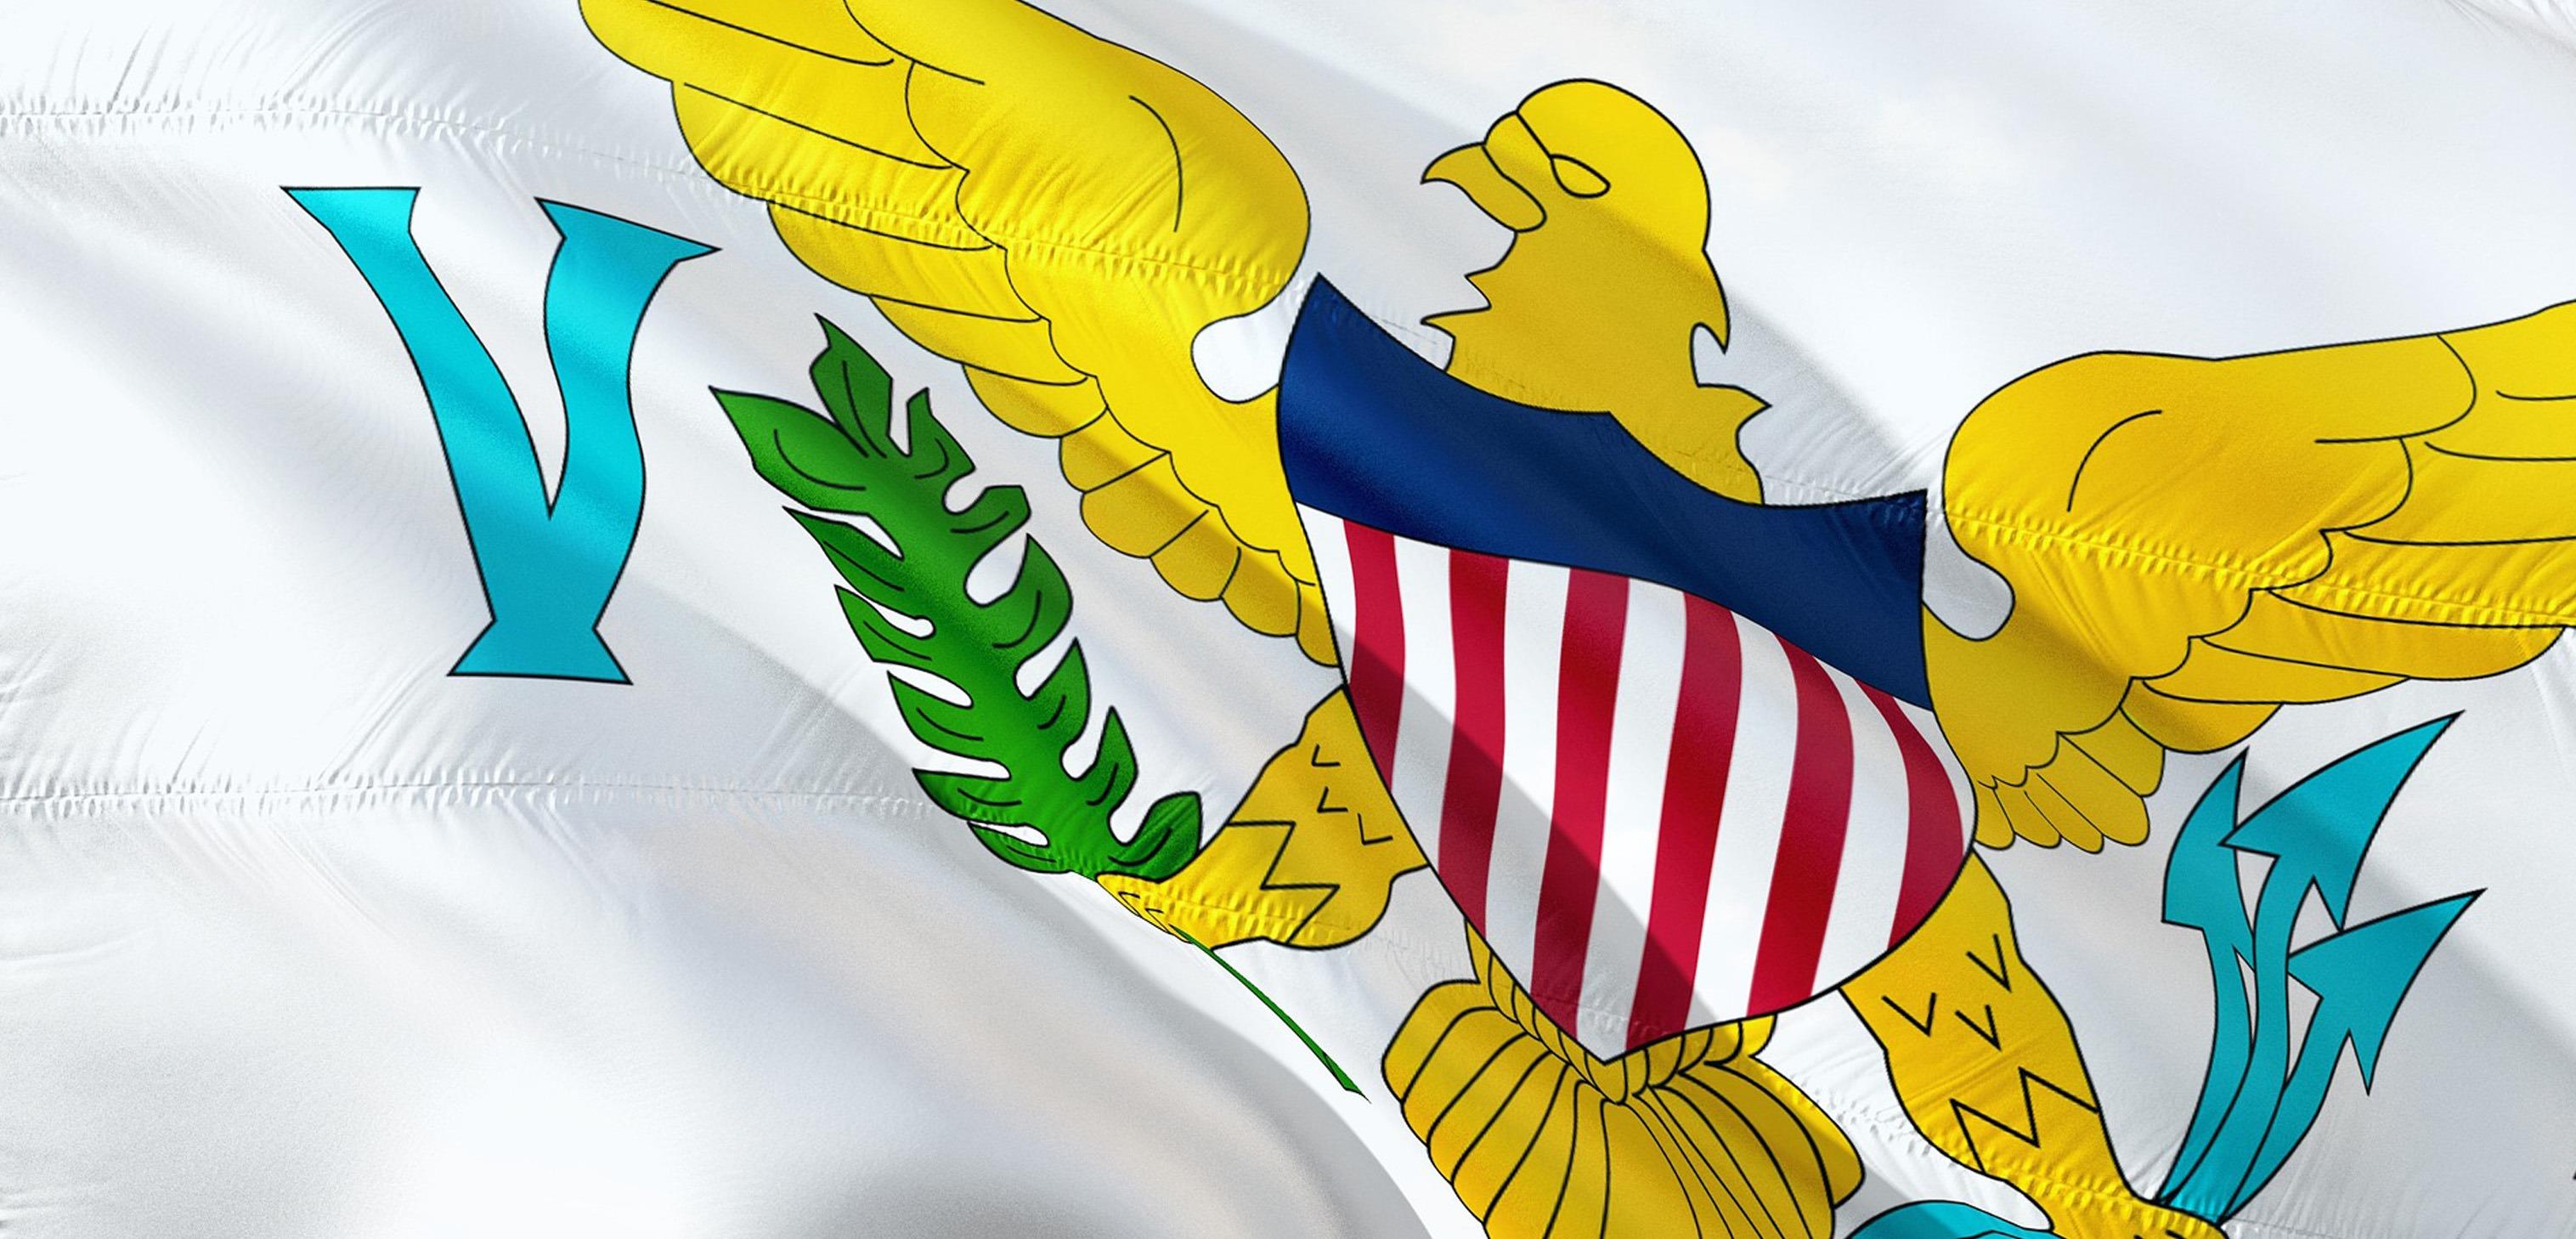 U.S. Virgin Islands Governor Signs Medicinal Cannabis Bill Into Law